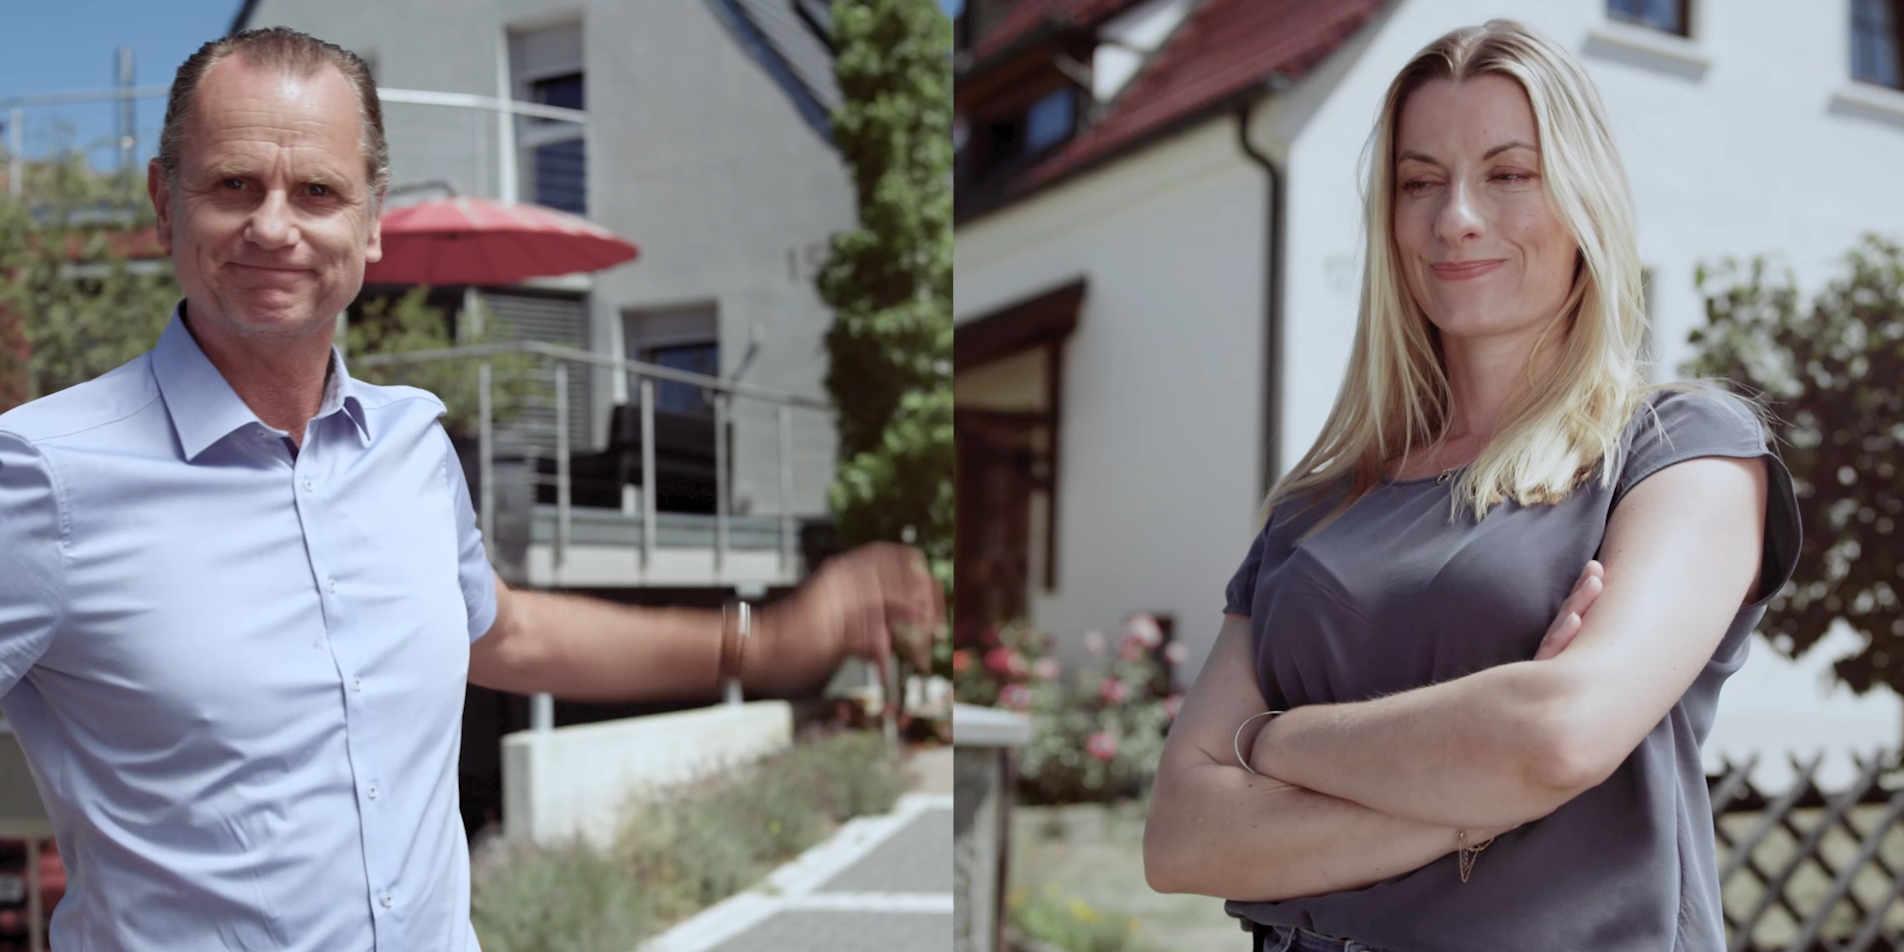 """Die Nachbarn Nina und Jörg hat der Ehrgeiz gepackt. Wer ist der größere Sparfuchs in Sachen Energie? In Folge 1 der Mini-Serie """"Die Energie-Spar-Challenge"""" setzen die beiden alles in Gang, um einander zu übertrumpfen."""